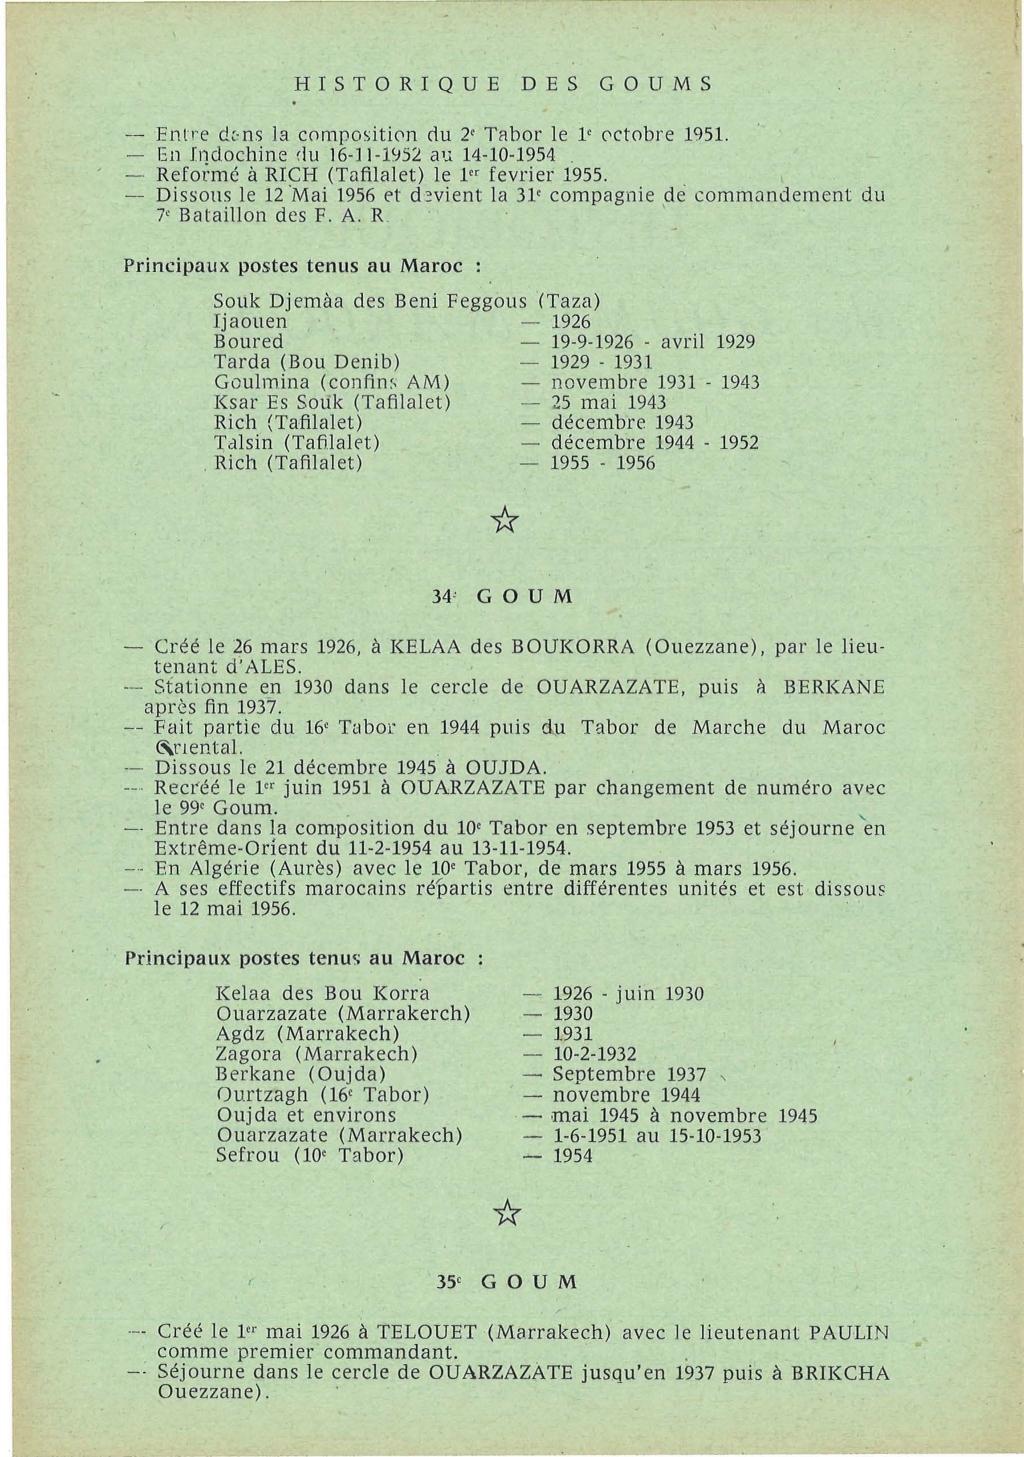 12 mai 1956 - Dissolution des Goumiers & integration aux FAR La_kou24